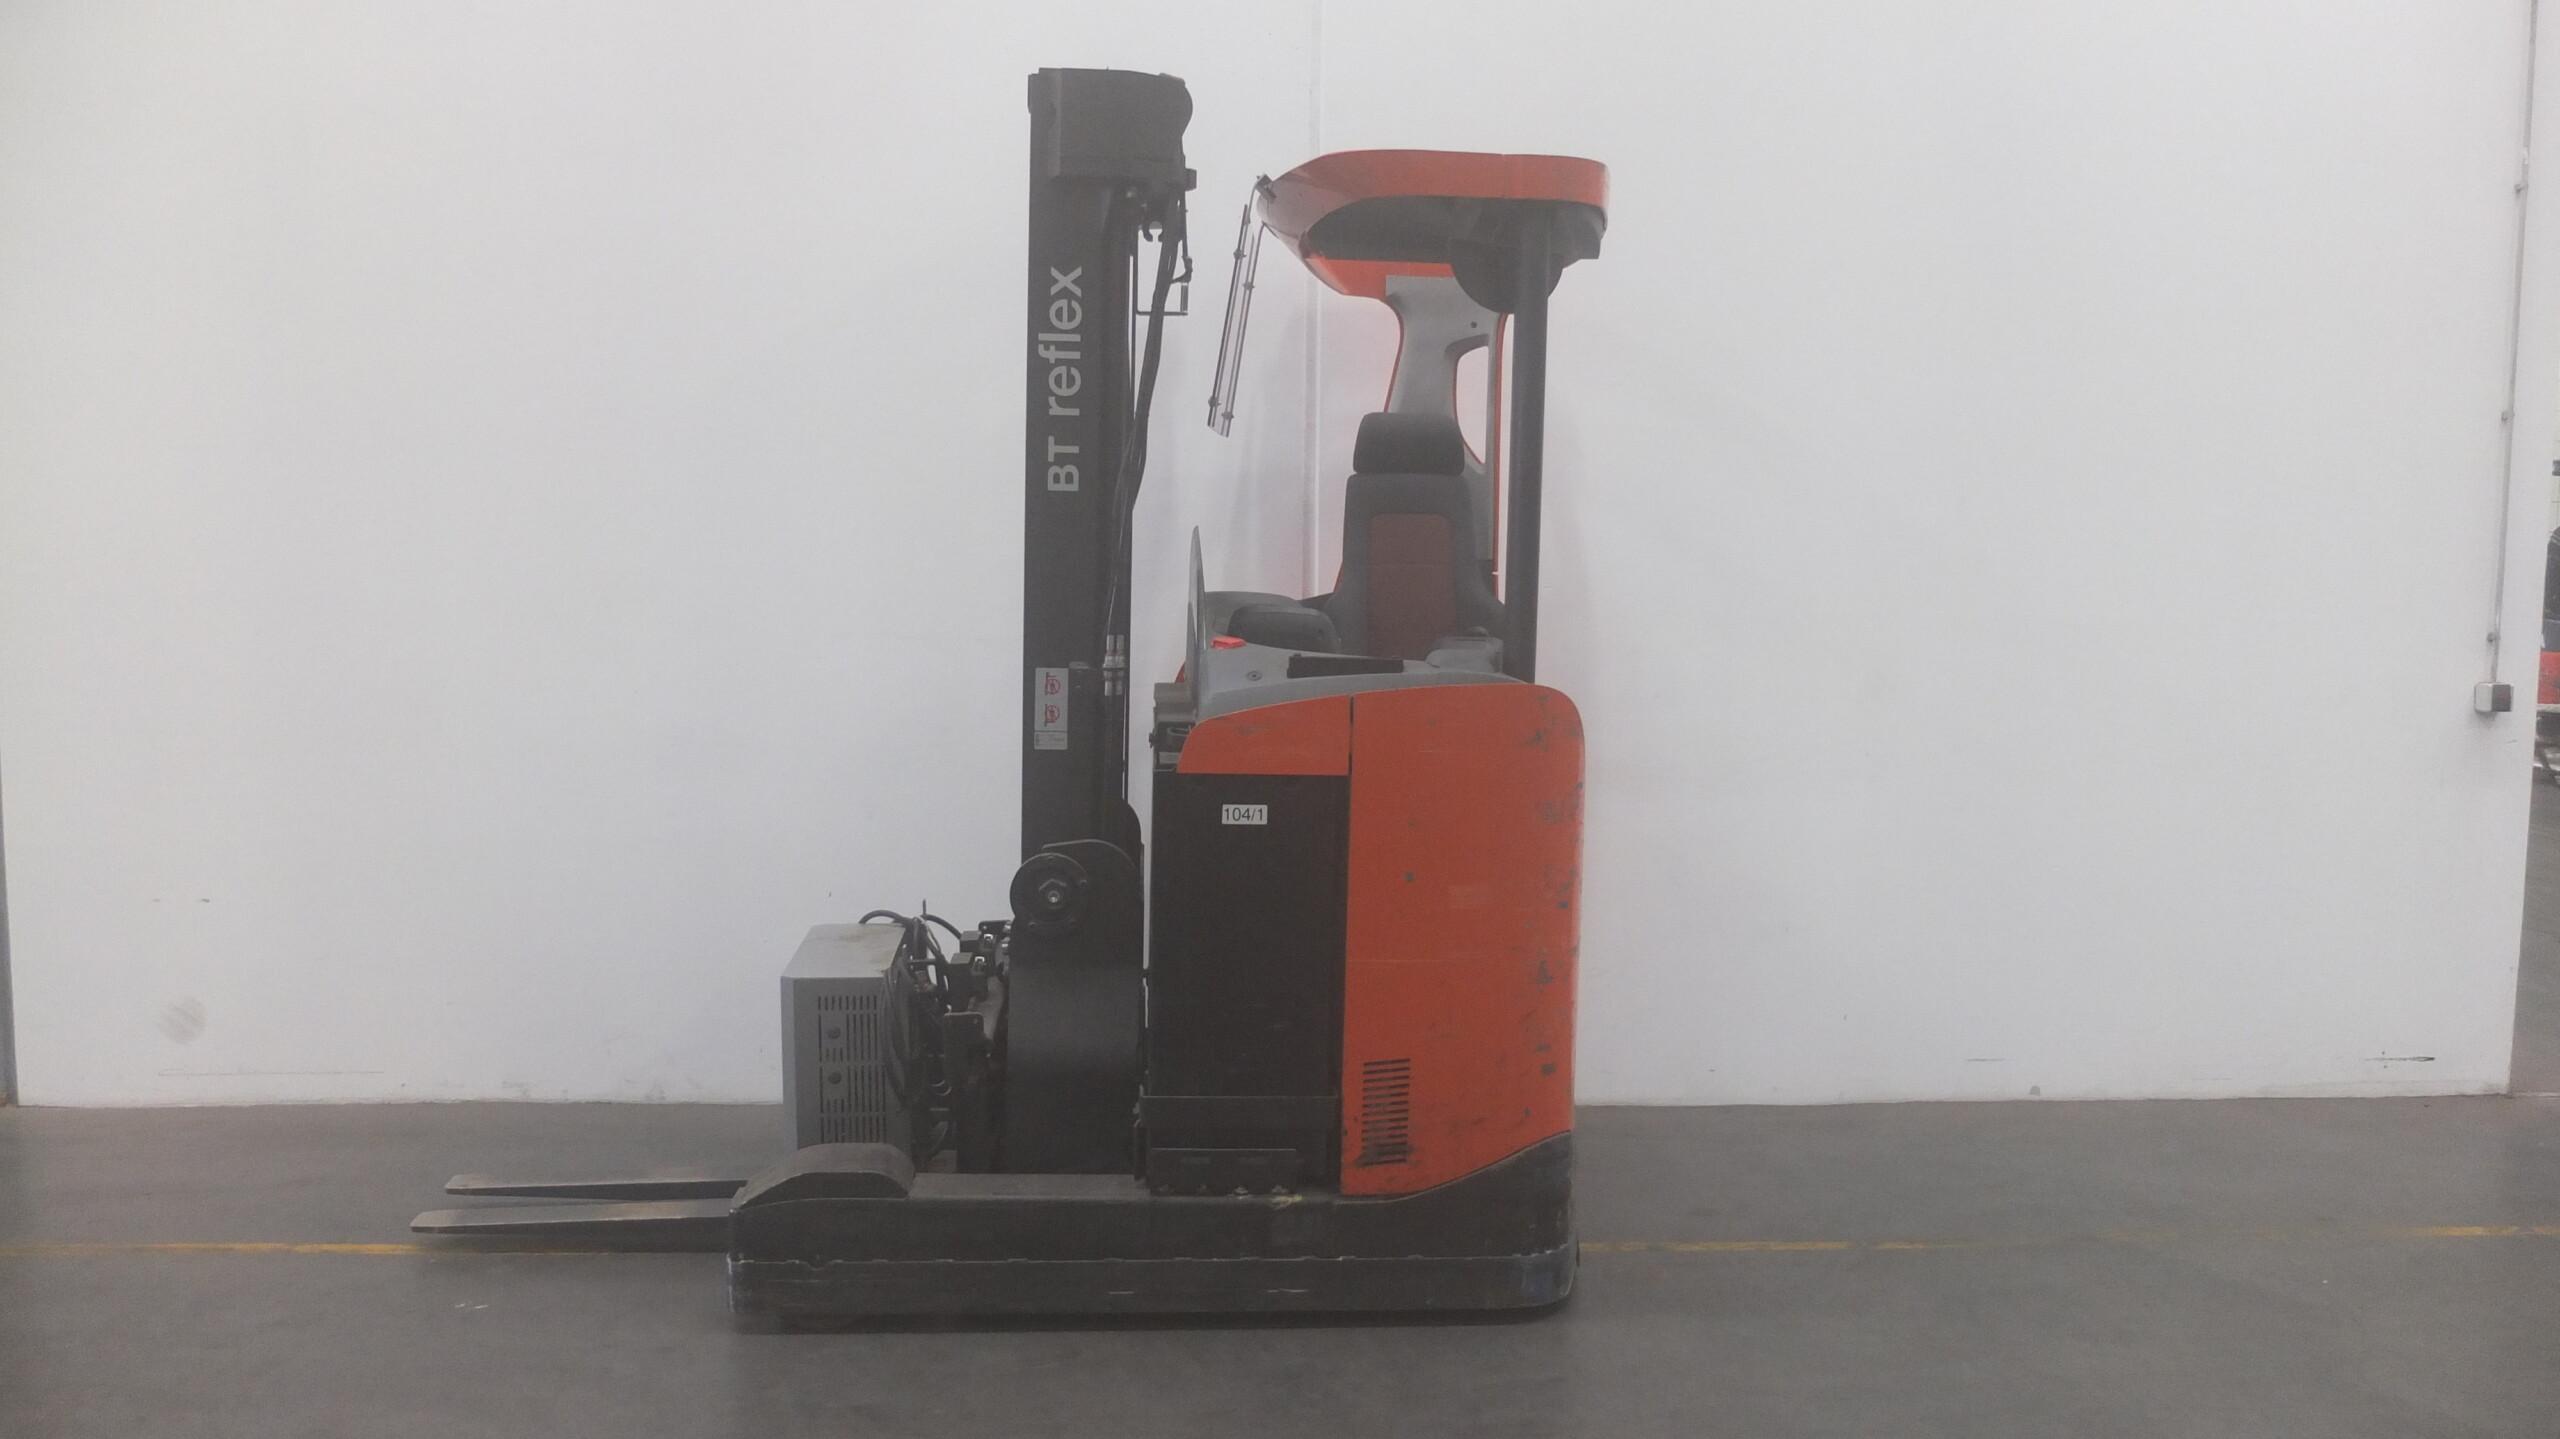 Toyota-Gabelstapler-59840 1506032994 1 31 scaled